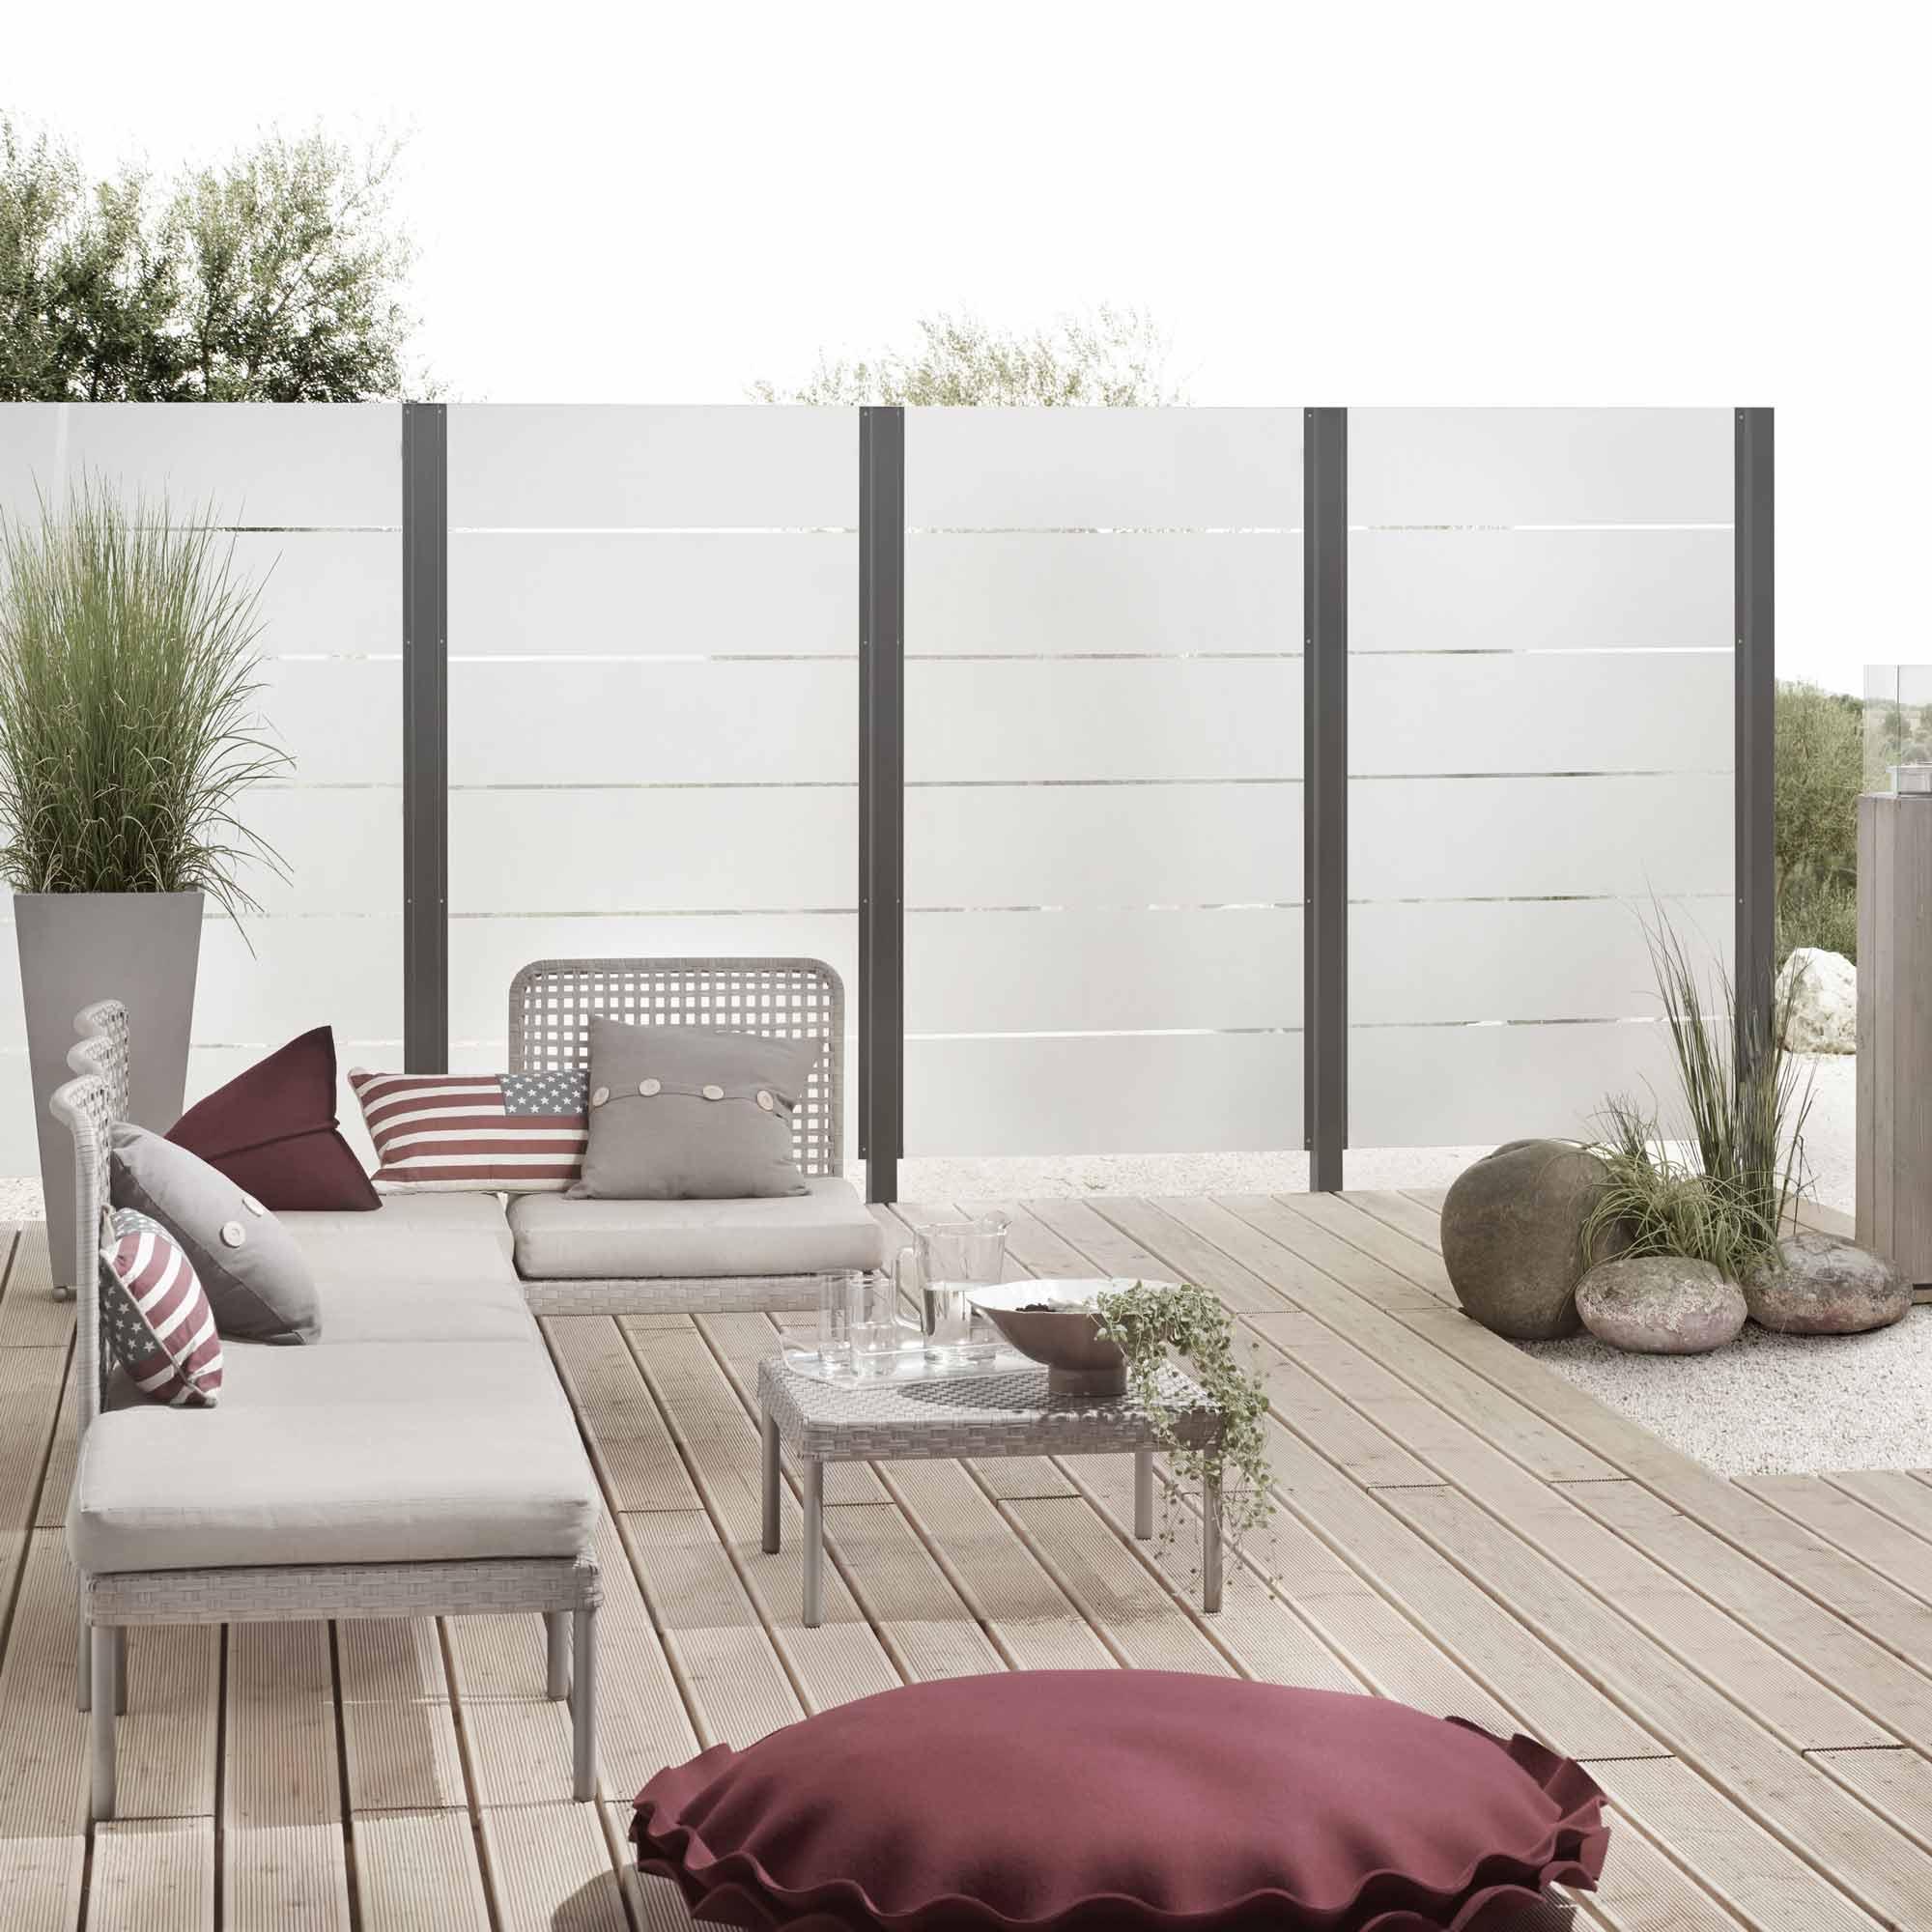 Sichtschutzzäune aus Glas und Alu – HolzLand Verbeek